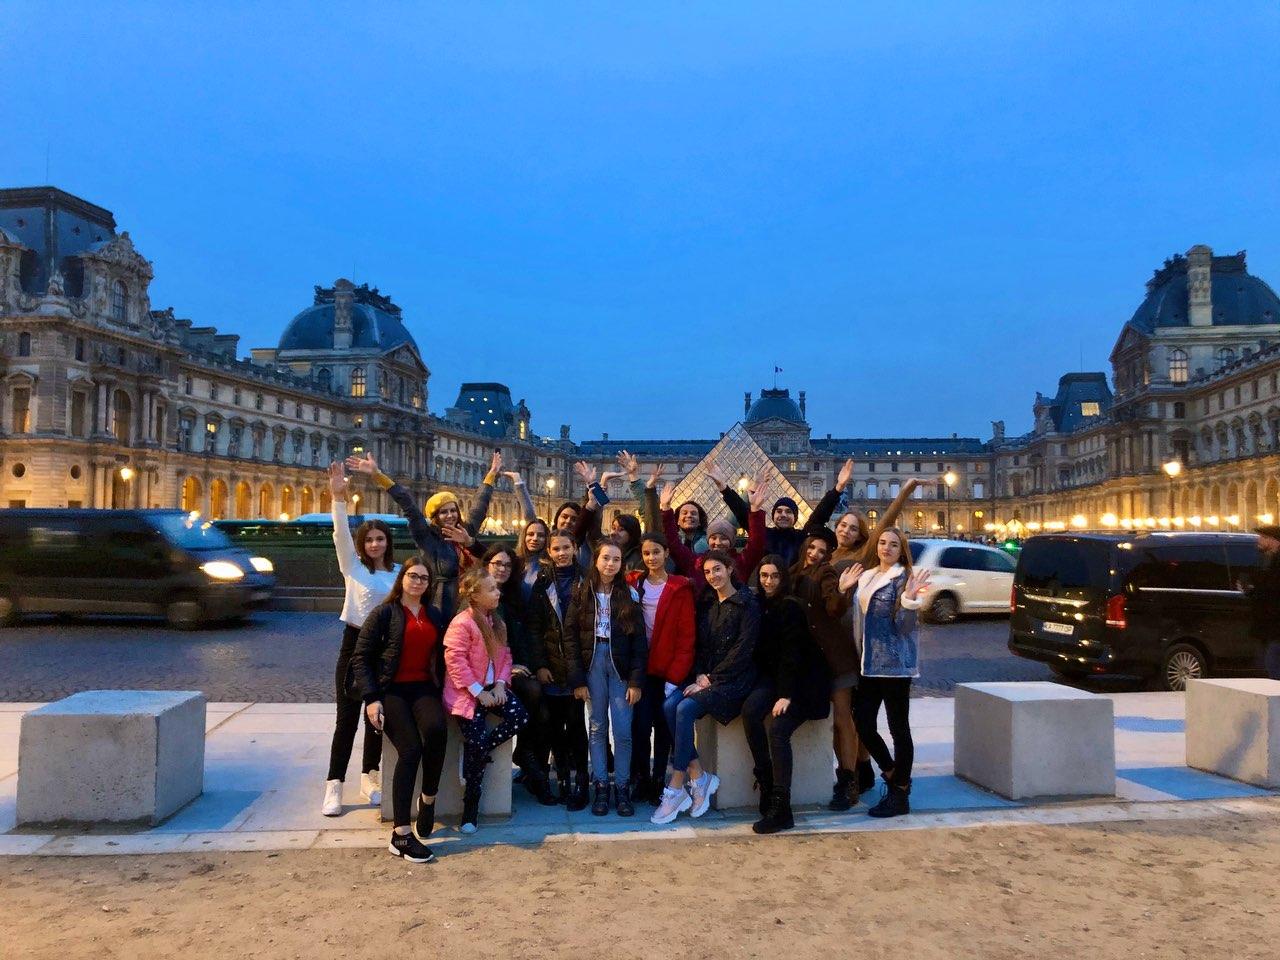 Онлайн дневник путешествия победителей конкурса «Кращий щоденник» (обновляется)